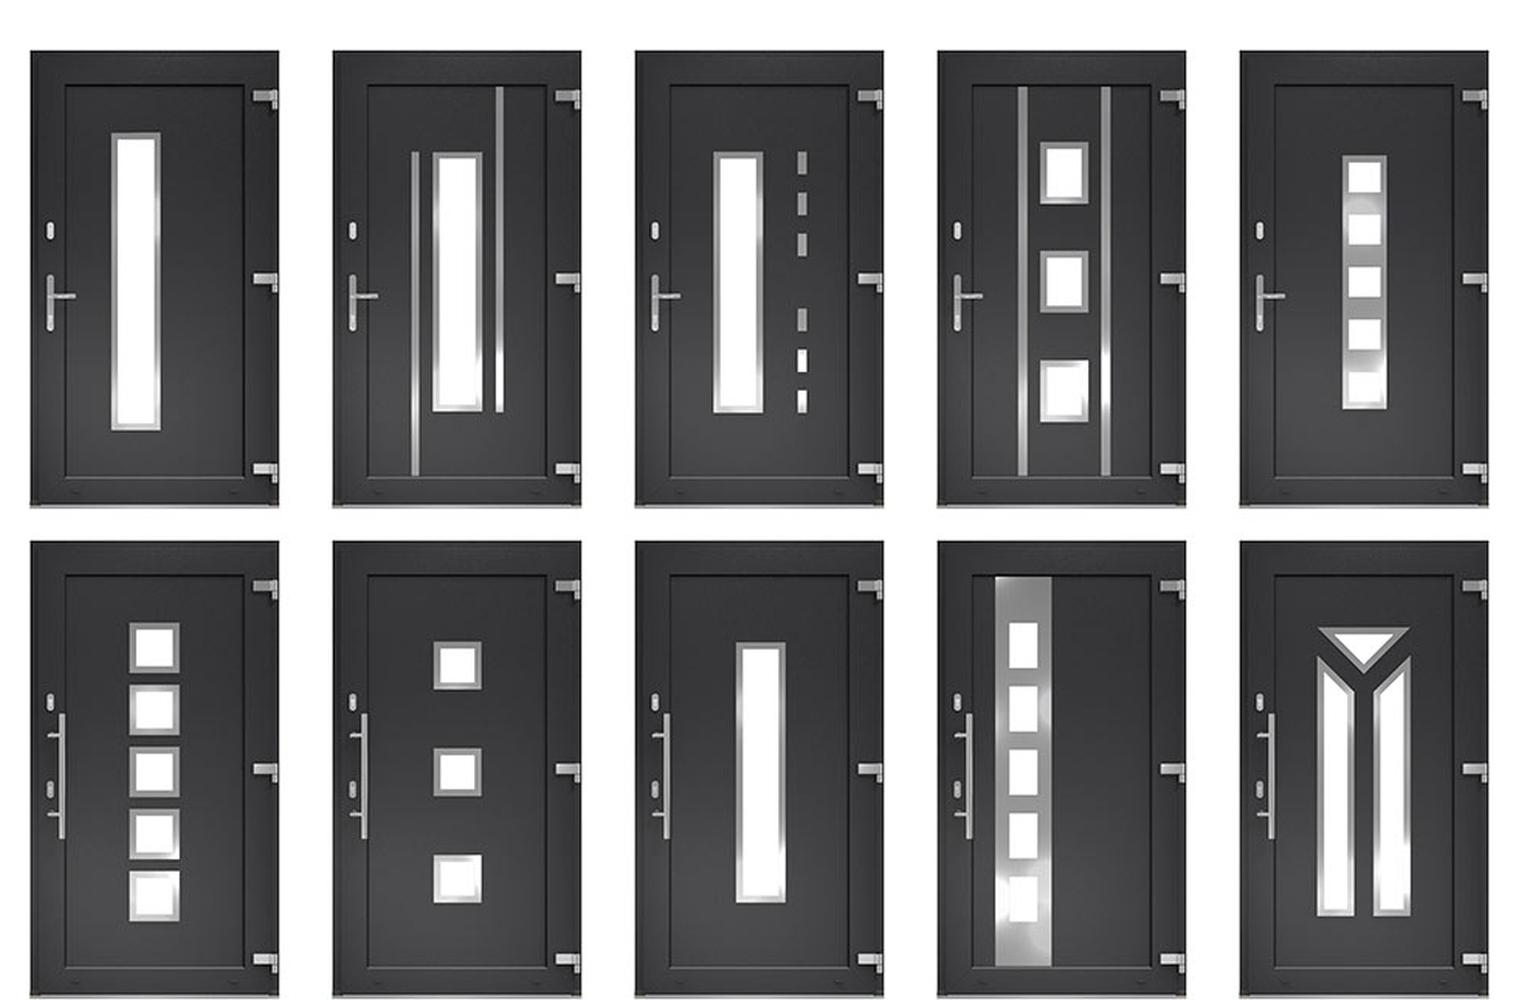 Full Size of Fenster Kunststoff Haustr Mit Integrierter Glaseinsatz Einbruchsicherung Velux Kaufen Fliegengitter Rahmenlose Weihnachtsbeleuchtung Holz Alu Preise Fenster Fenster Kunststoff